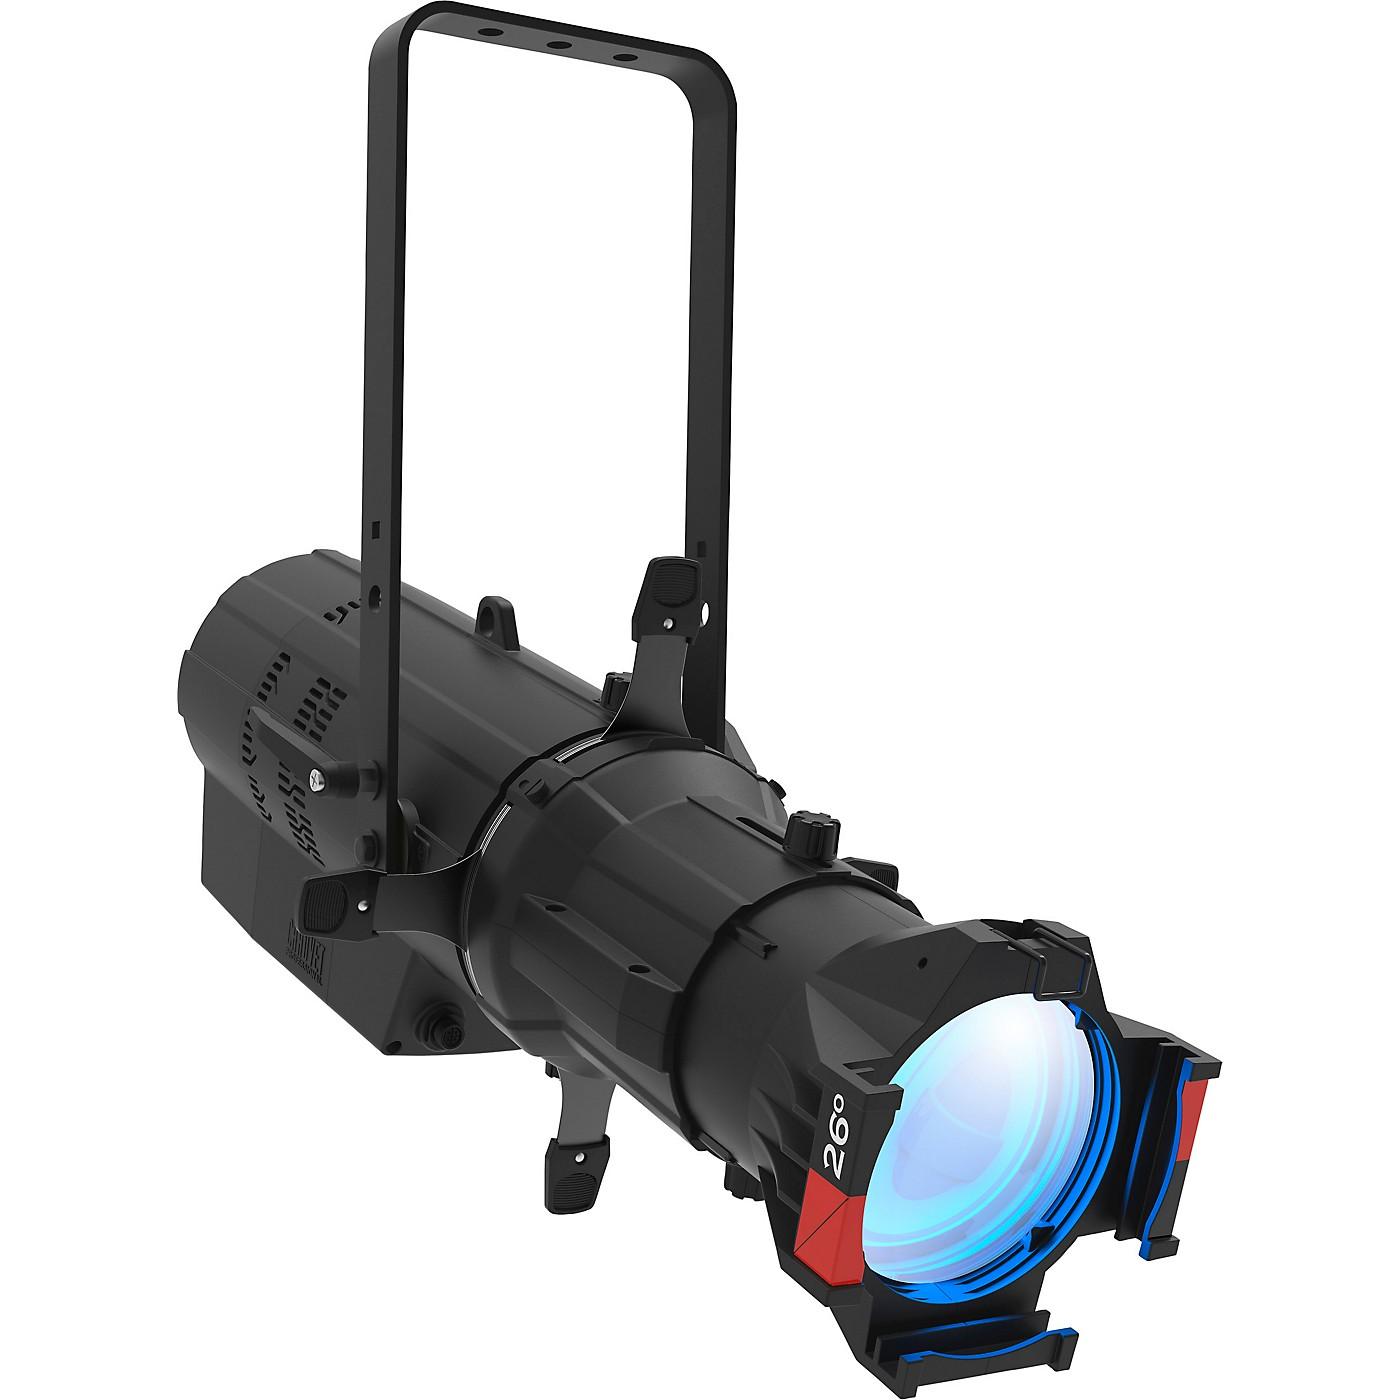 CHAUVET Professional Ovation E-910FC IP RGBAL LED Light thumbnail